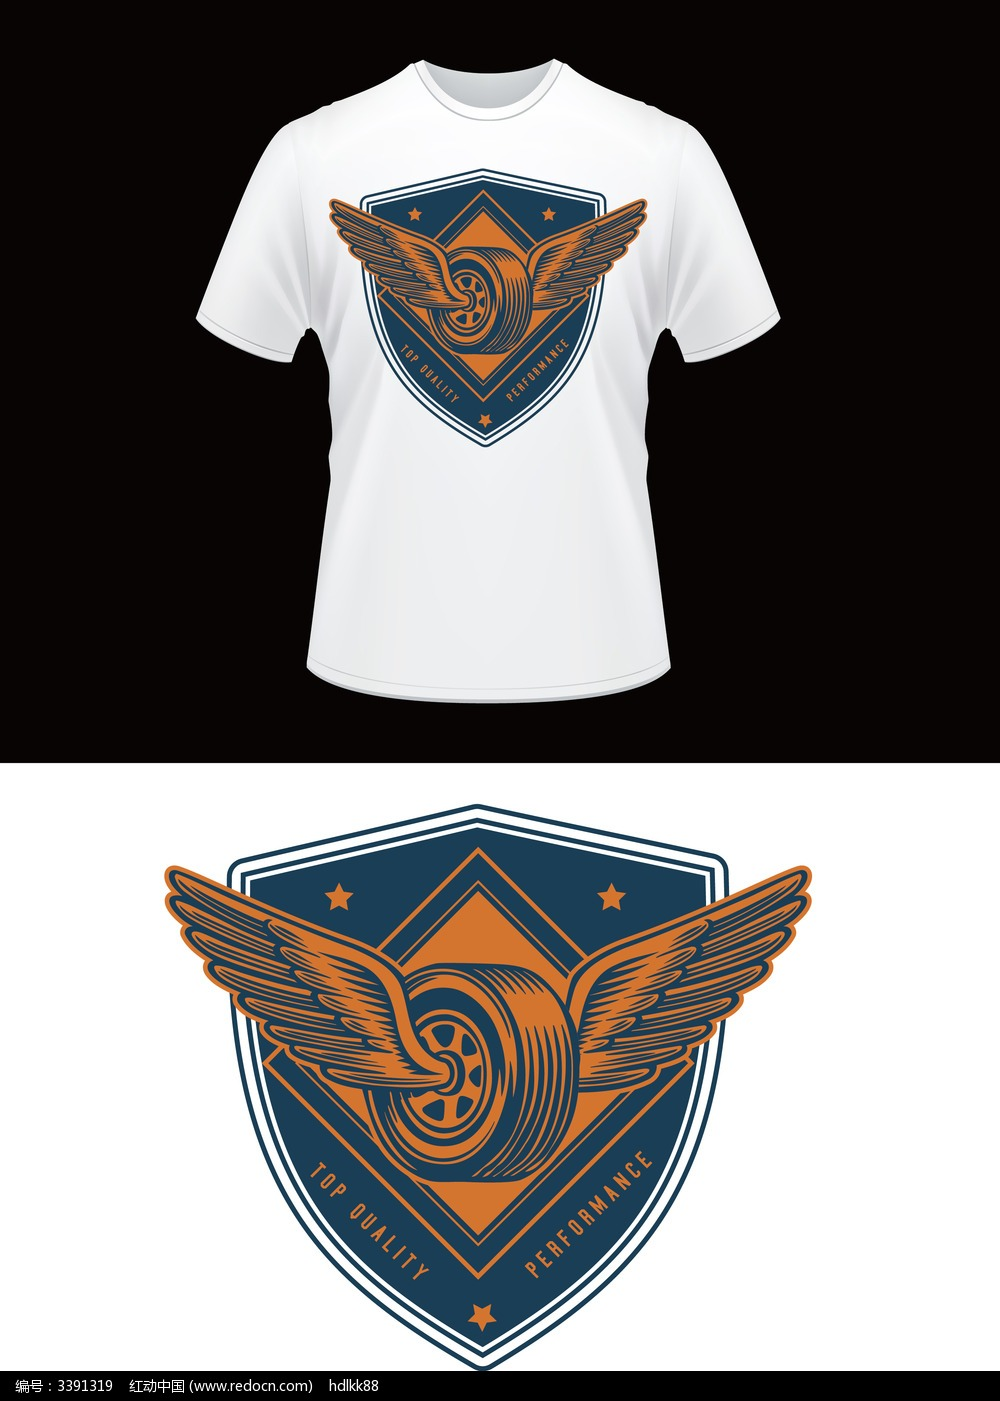 轮胎翅膀图案T恤印花图案图片